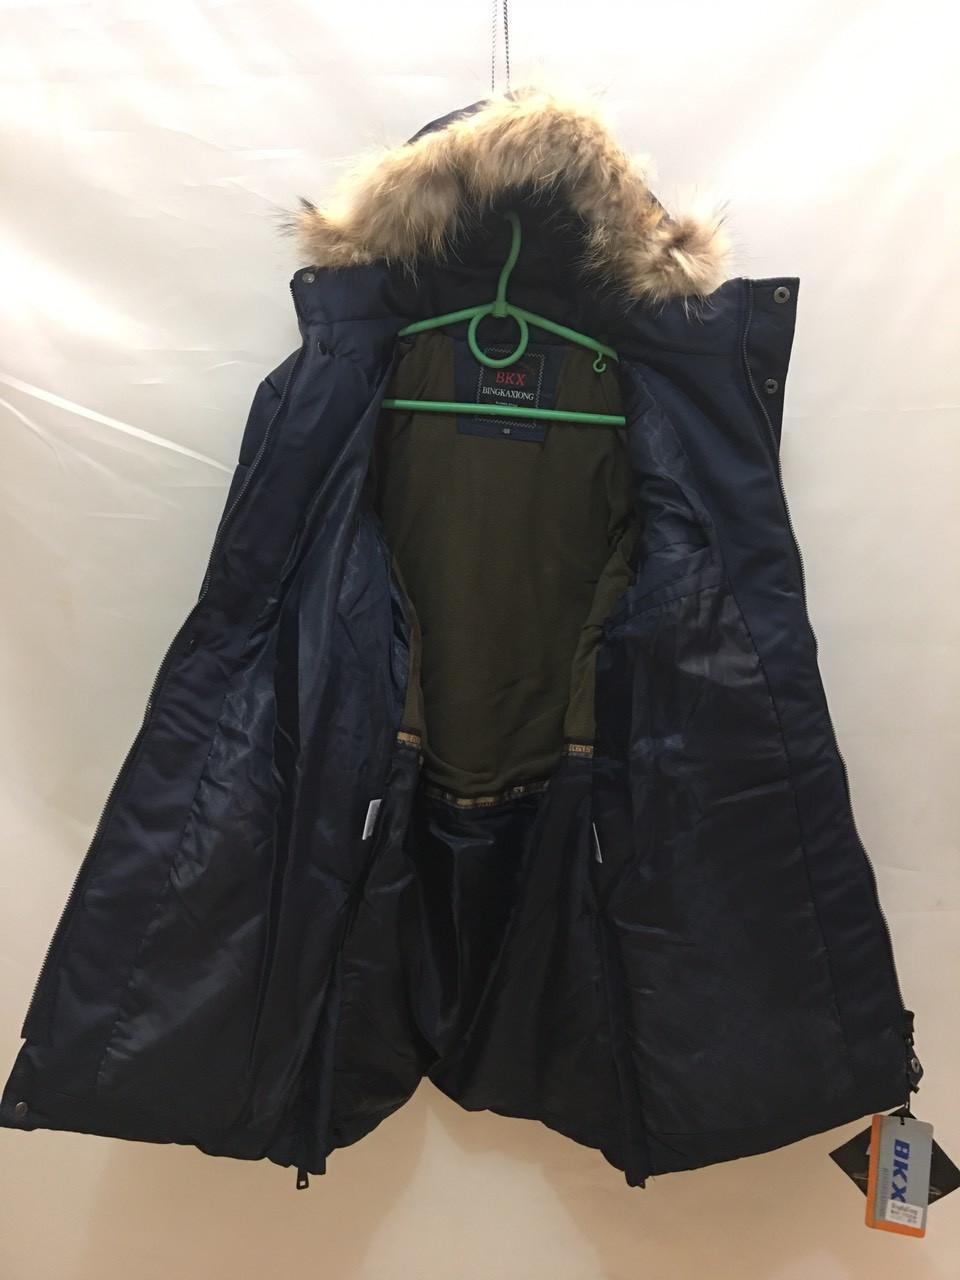 Подростковая зимняя куртка для мальчика 10-16 лет